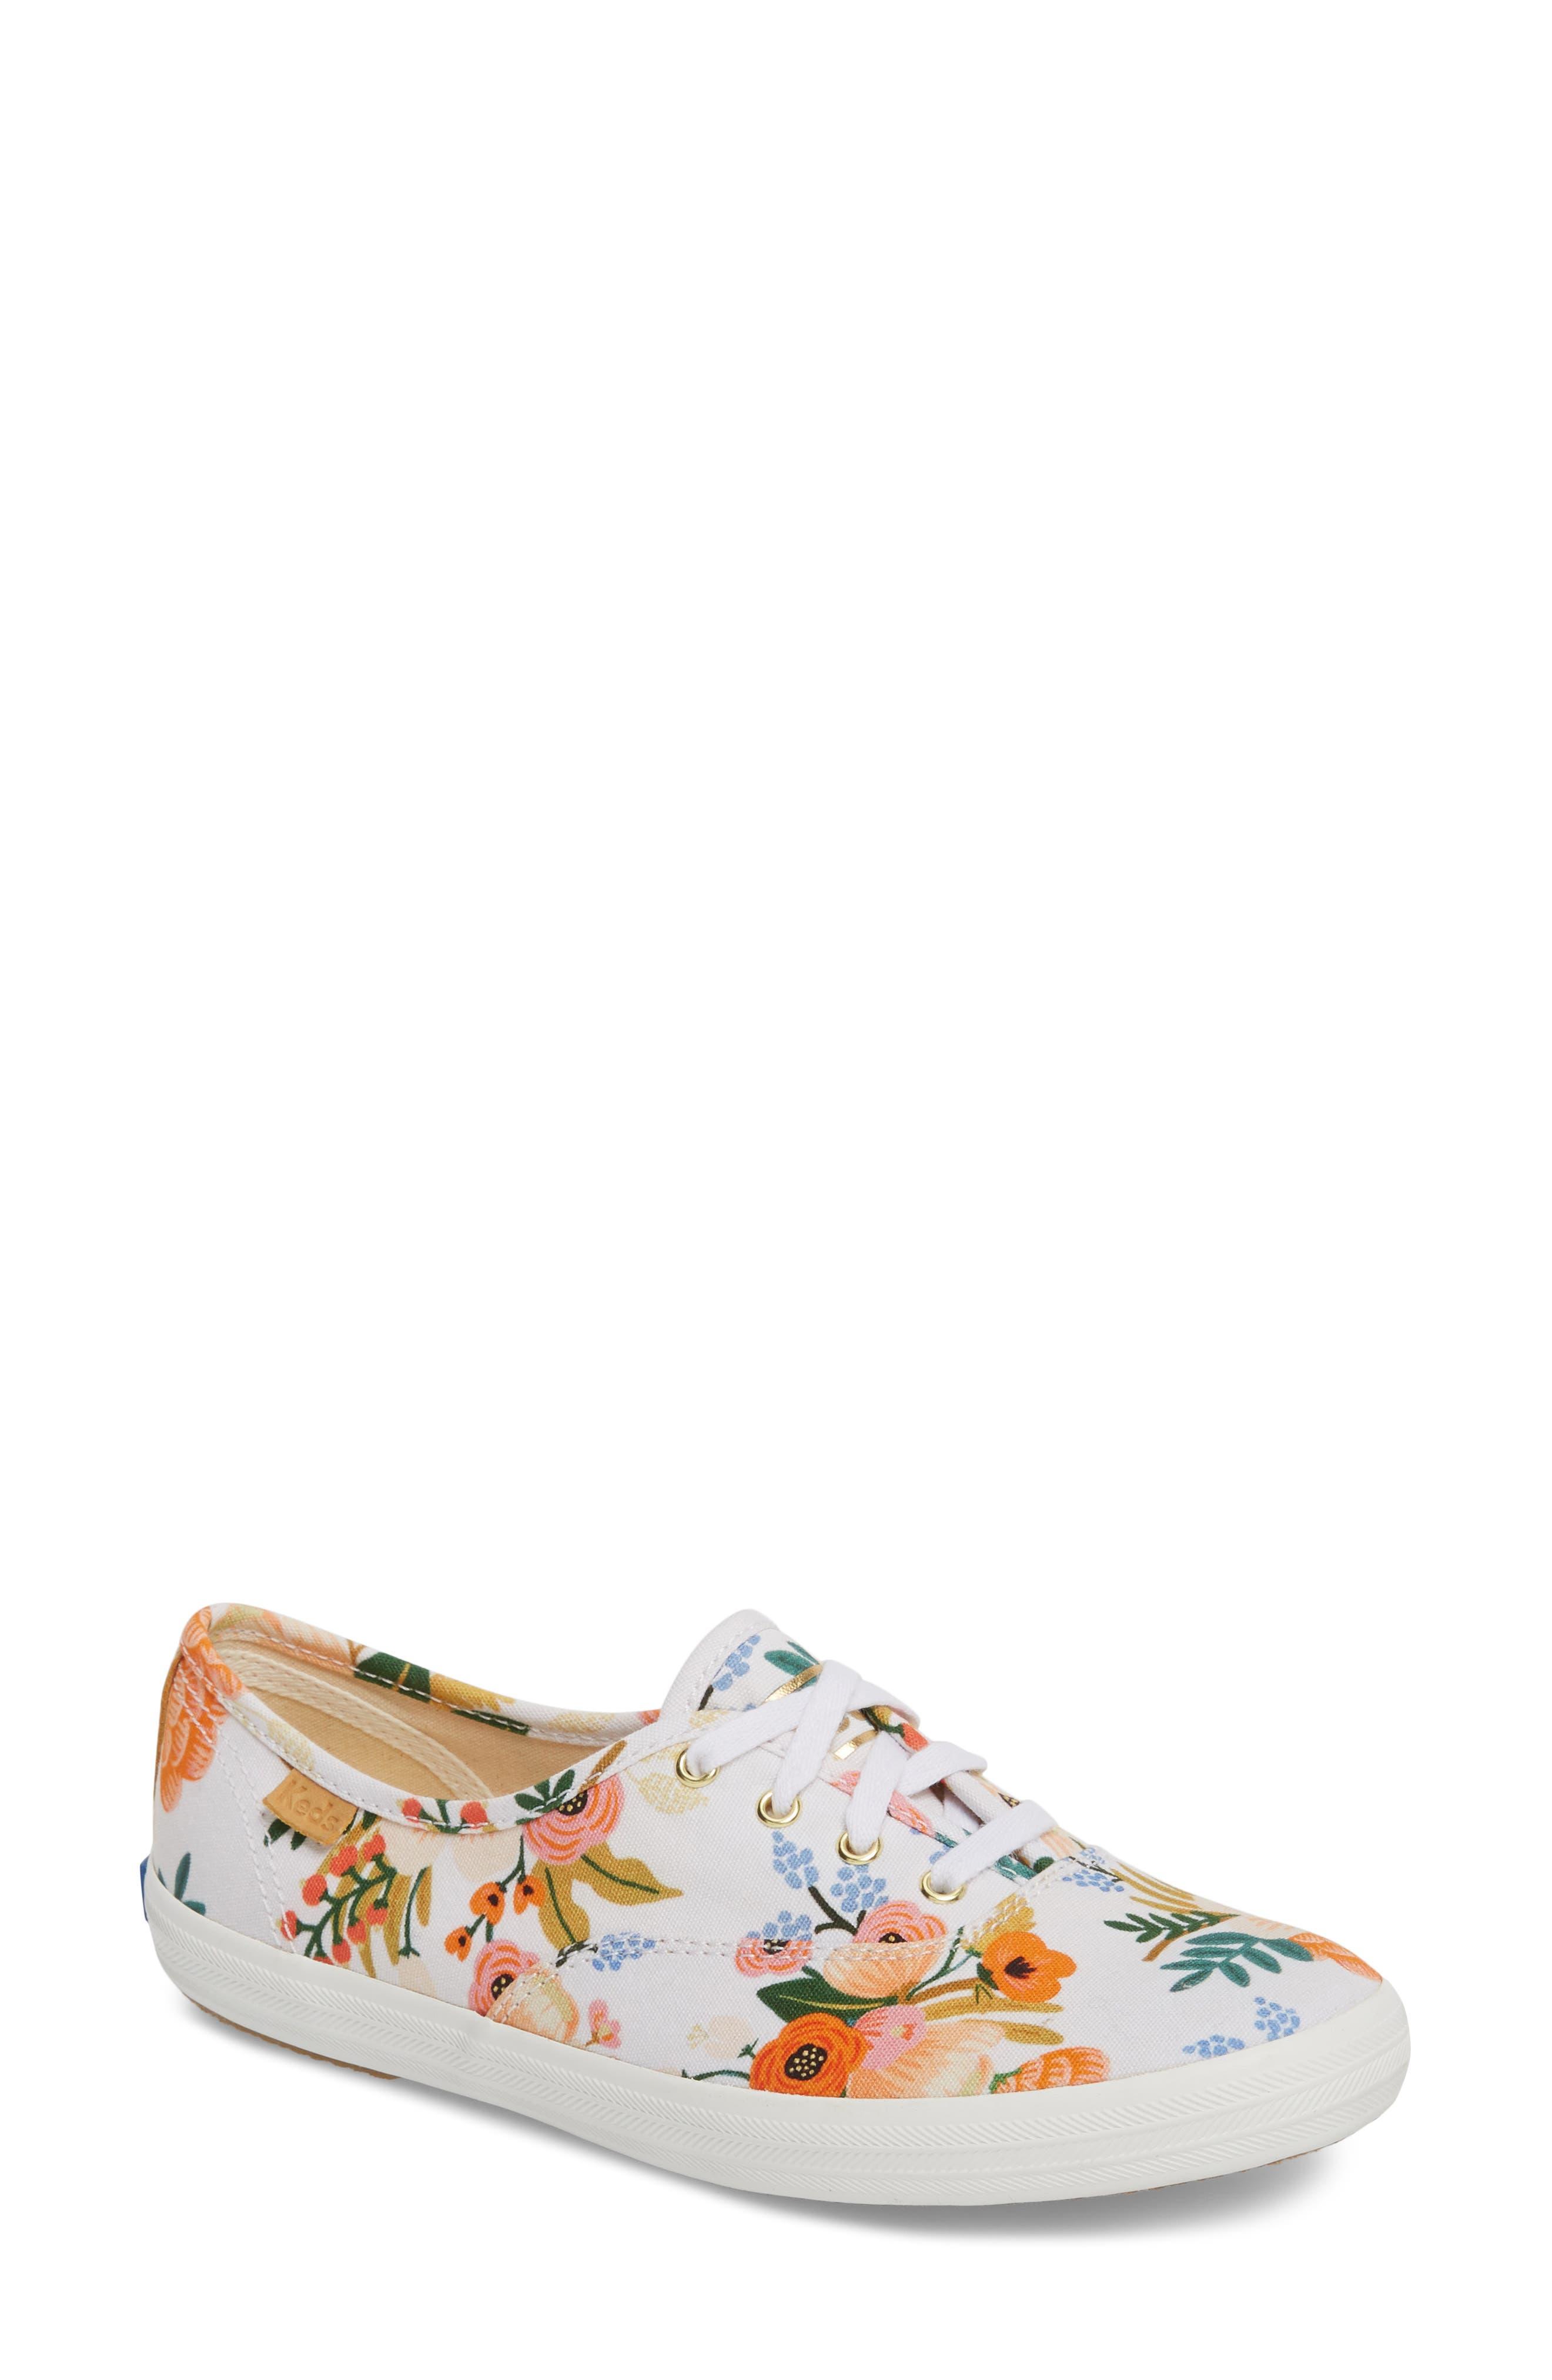 Keds® x Rifle Paper Co. Champion Floral Print Sneaker (Women)